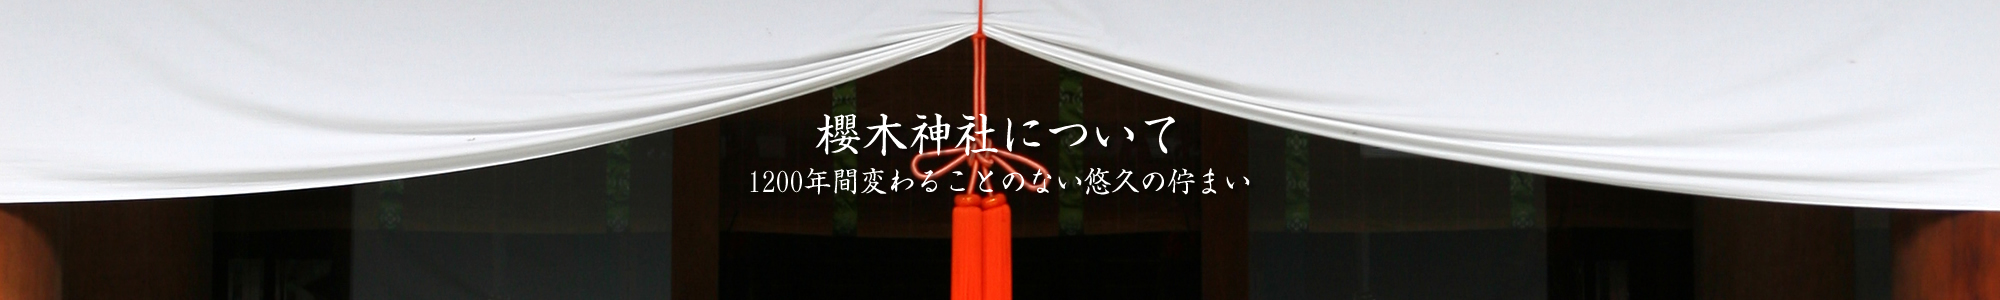 櫻木神社について 1200年間変わることのない悠久の佇まい